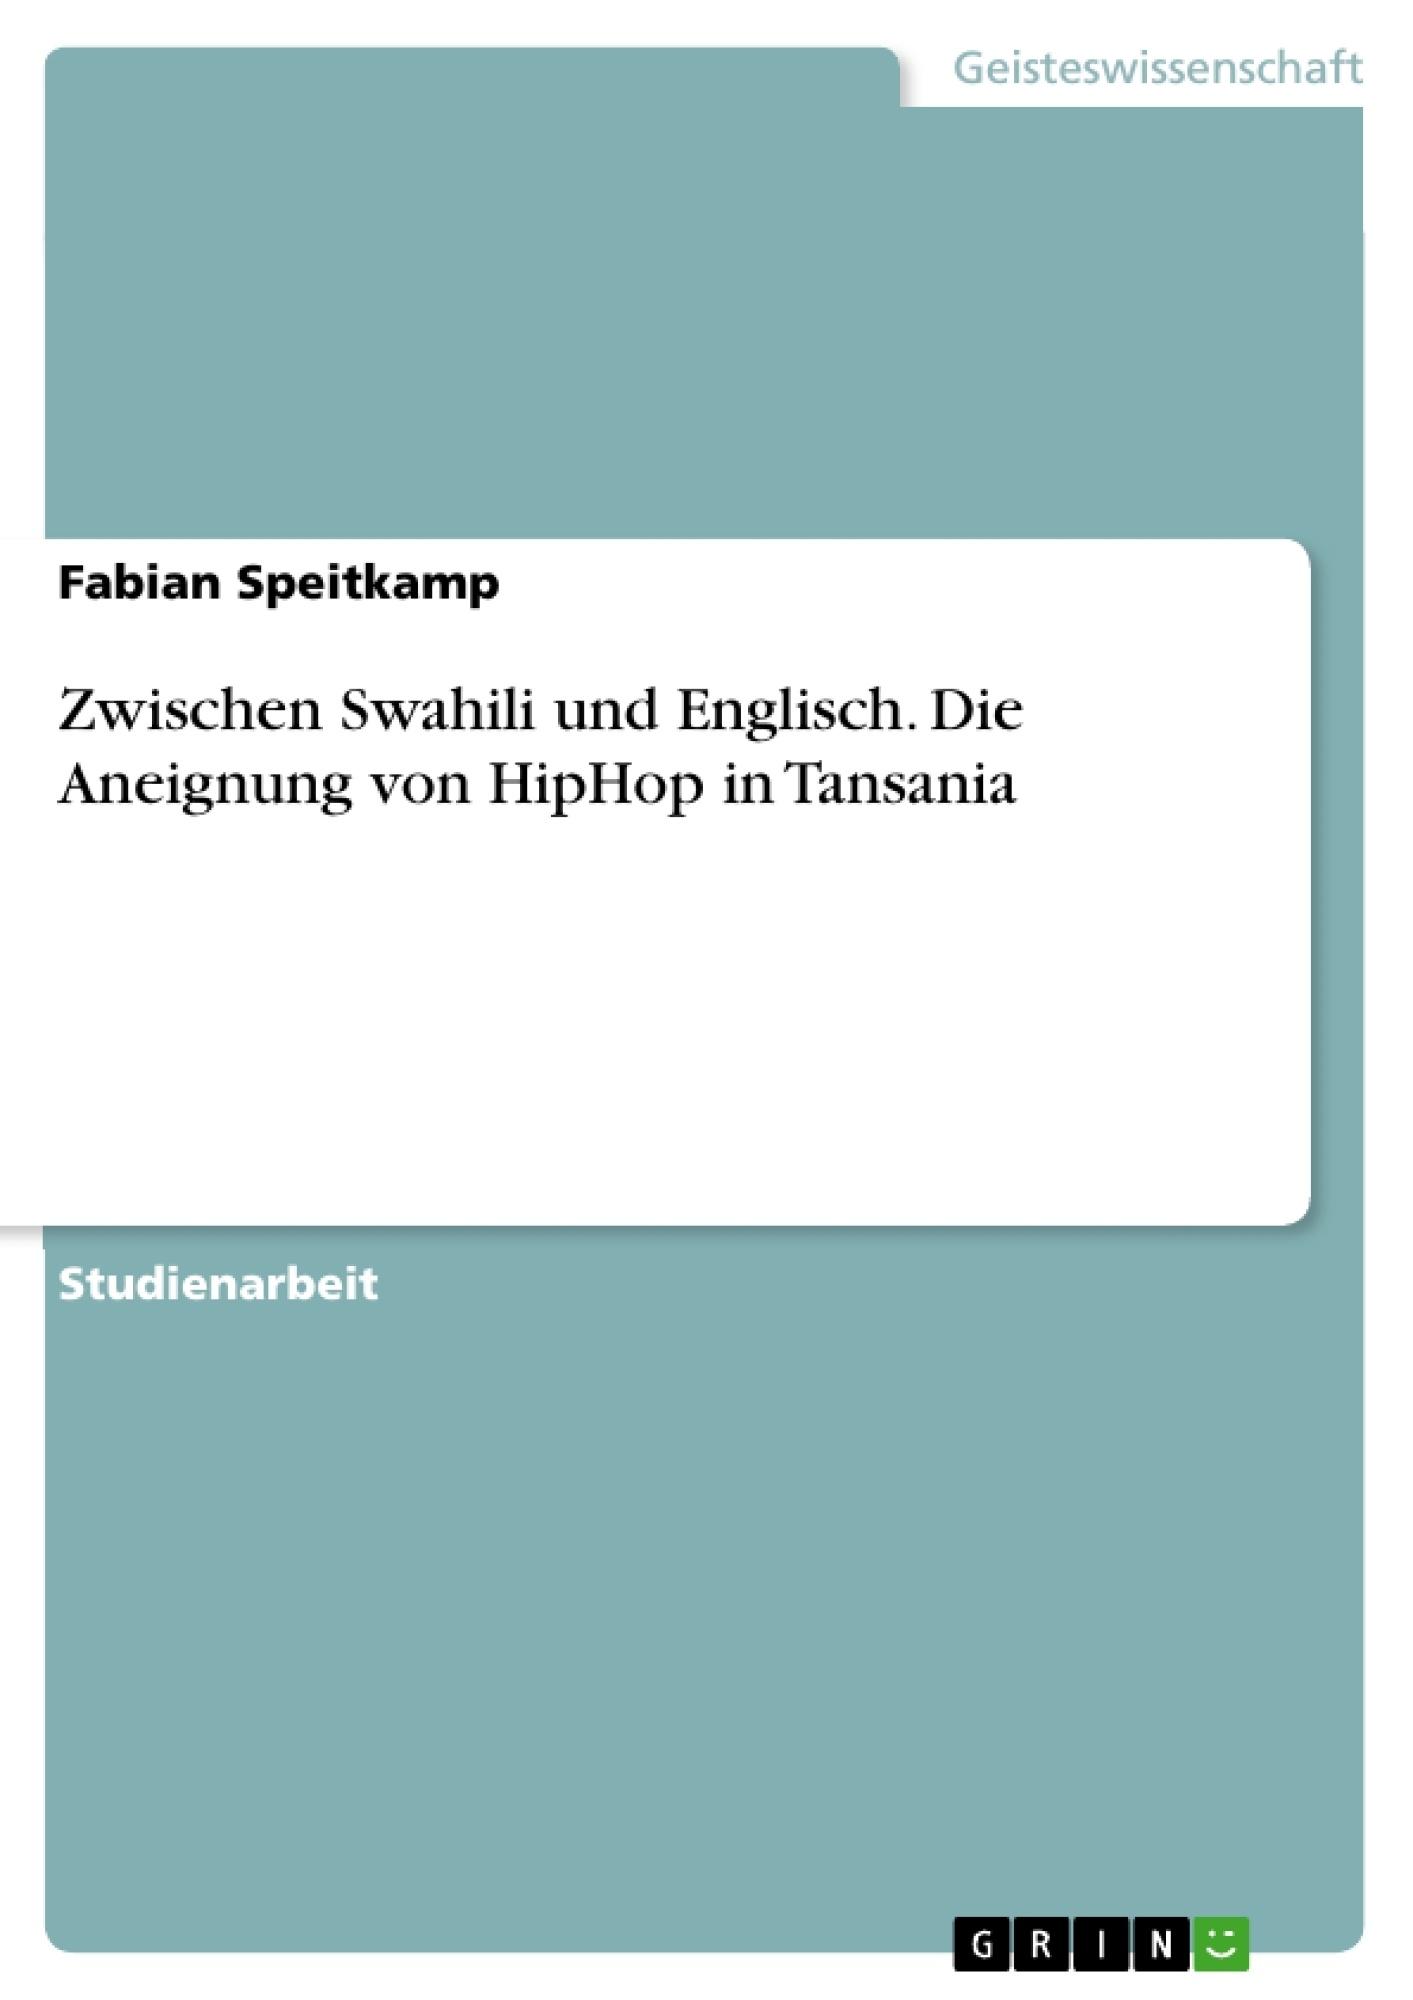 Titel: Zwischen Swahili und Englisch. Die Aneignung von HipHop in Tansania